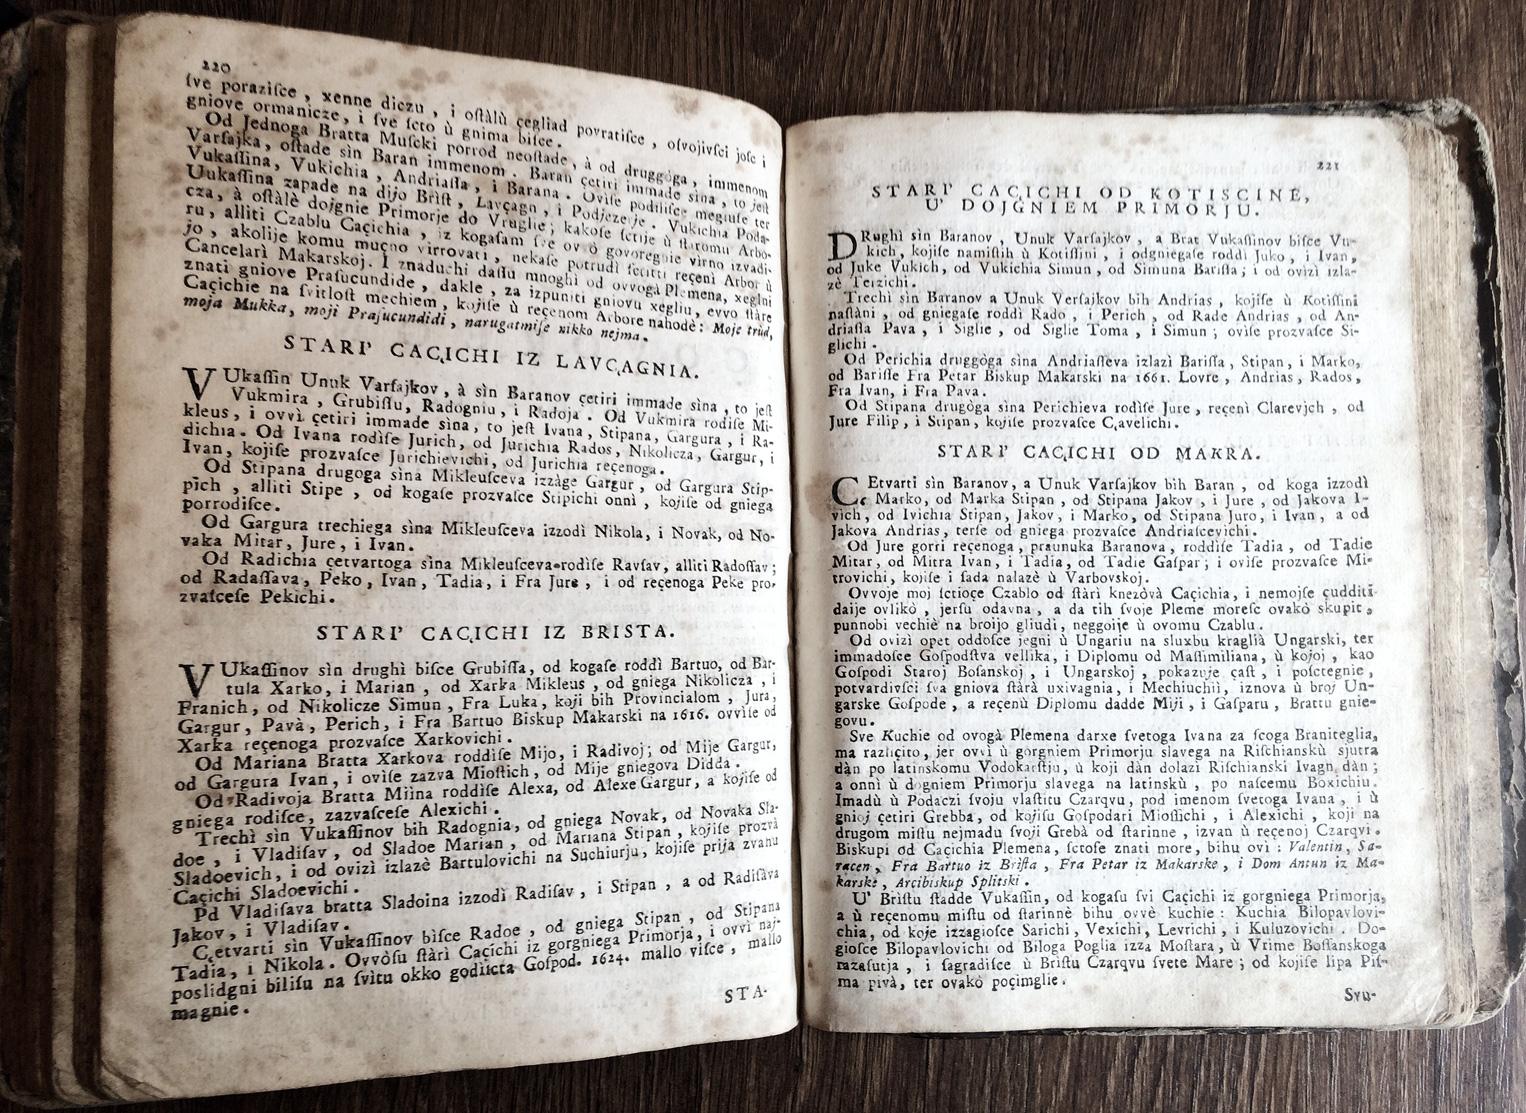 Genealogija porodice Kačić (Cacich) iz knjige : Razgovor ugodni naroda slovinskoga 1759